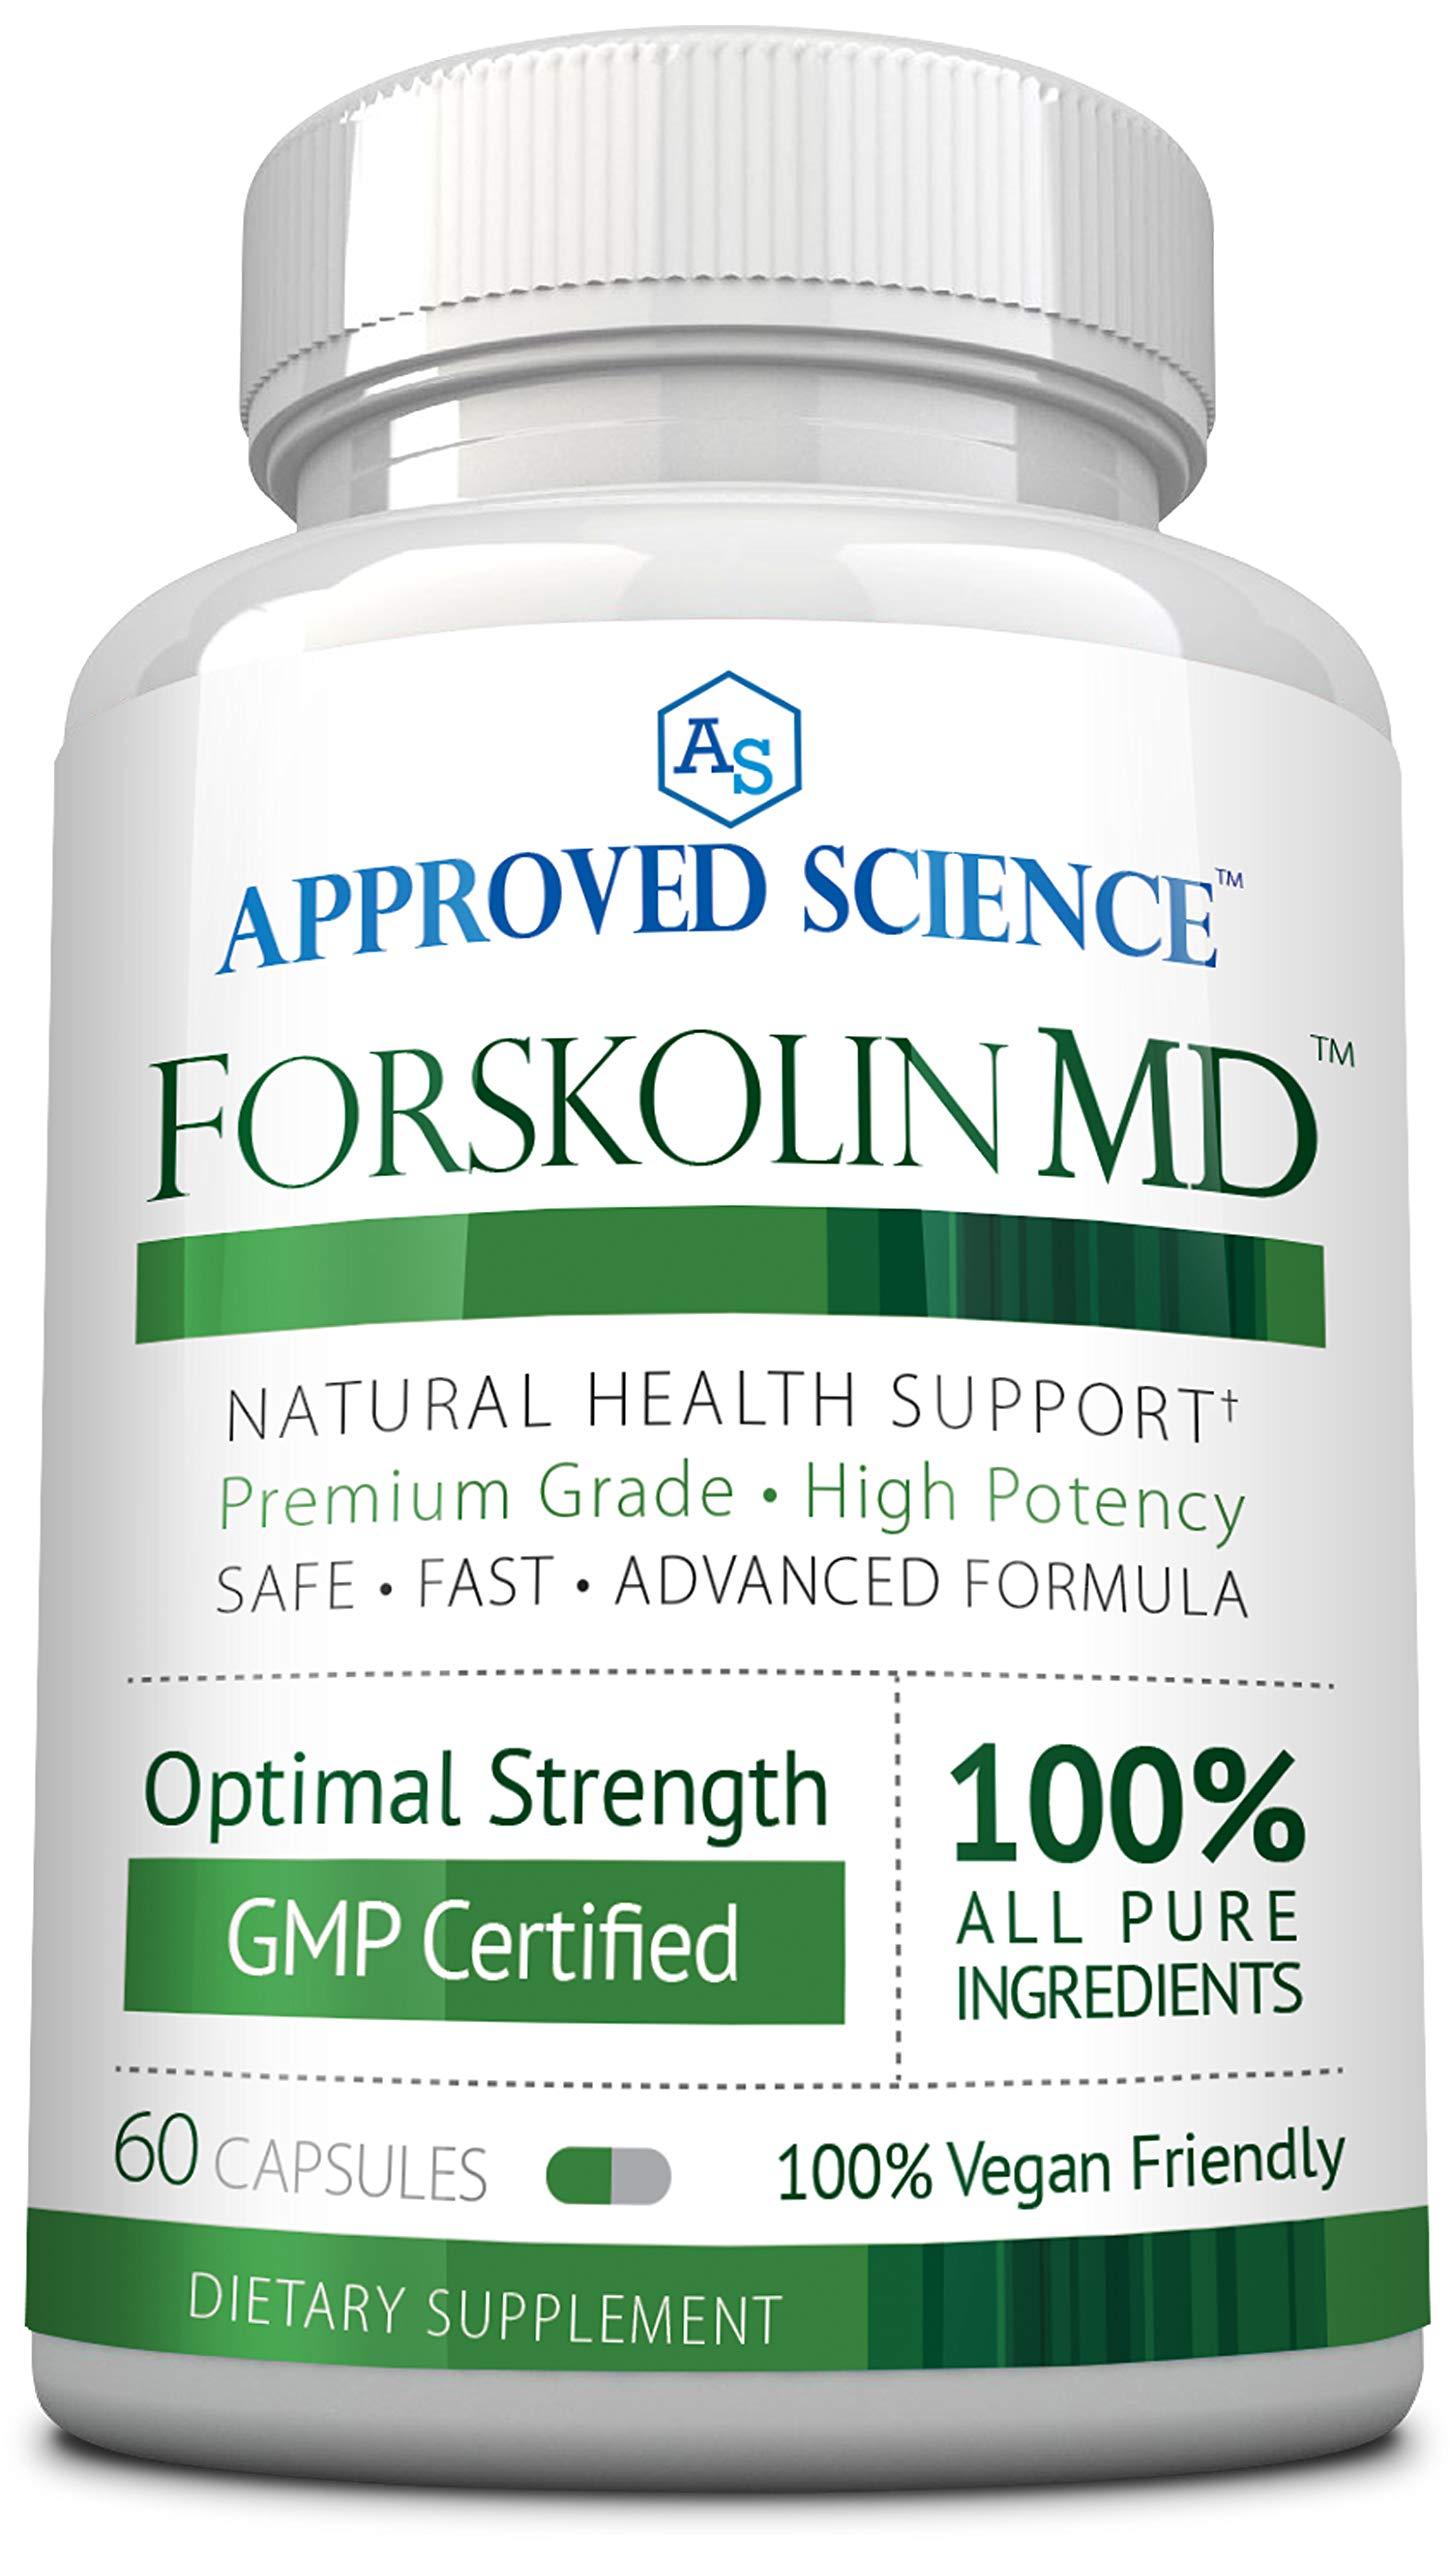 Forskolin MD - 1 Month Supply